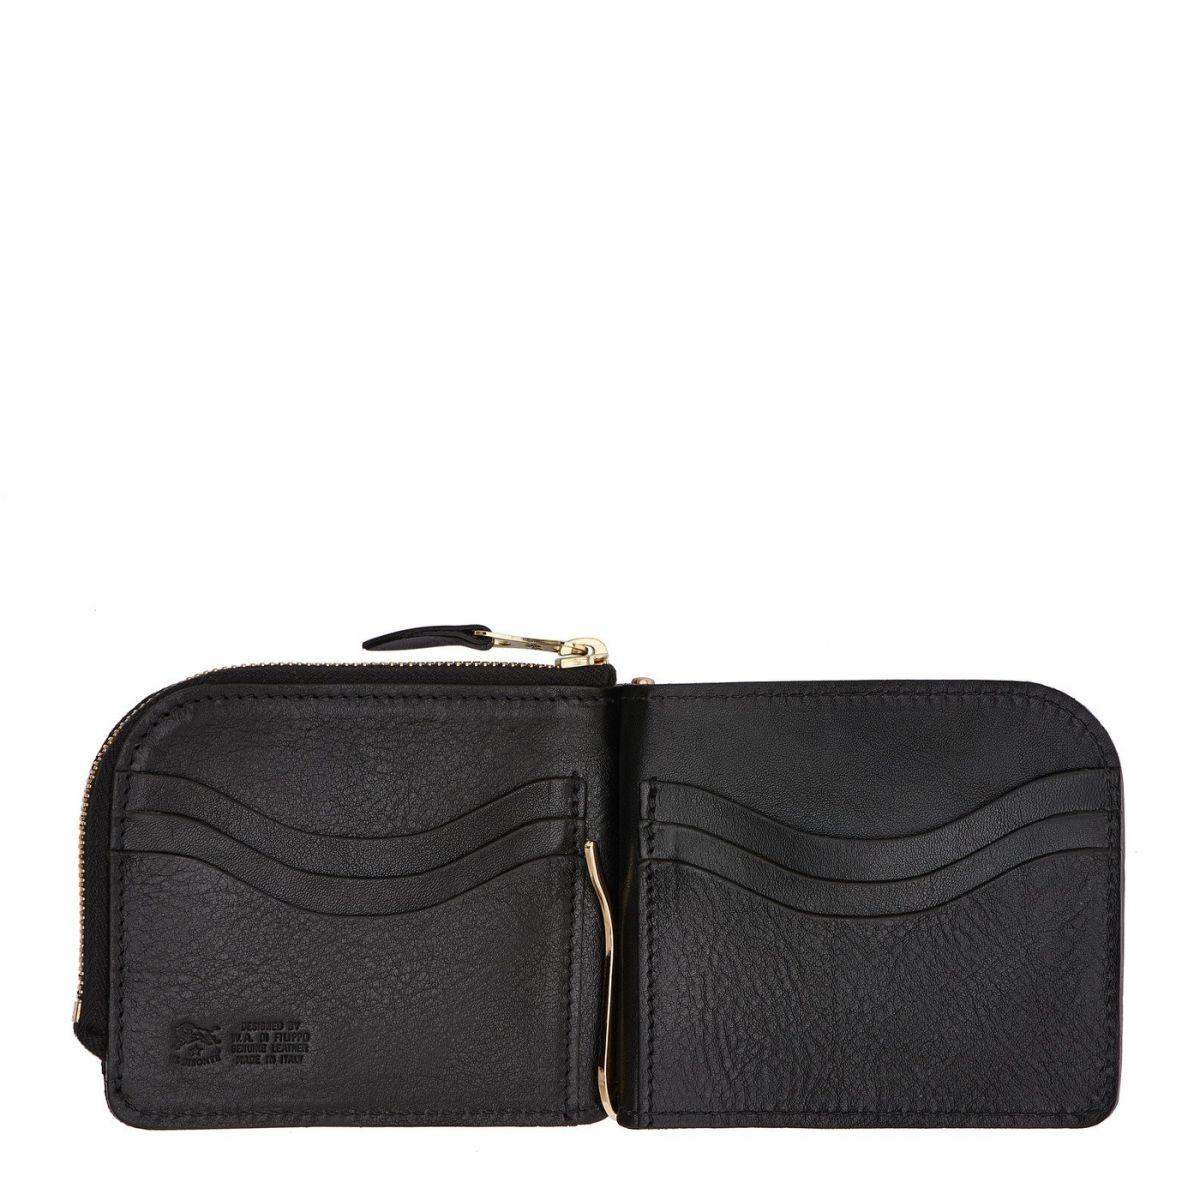 Portefeuille pour Homme en Cuir De Vachette Doublé couleur Noir - SMW077 | Details